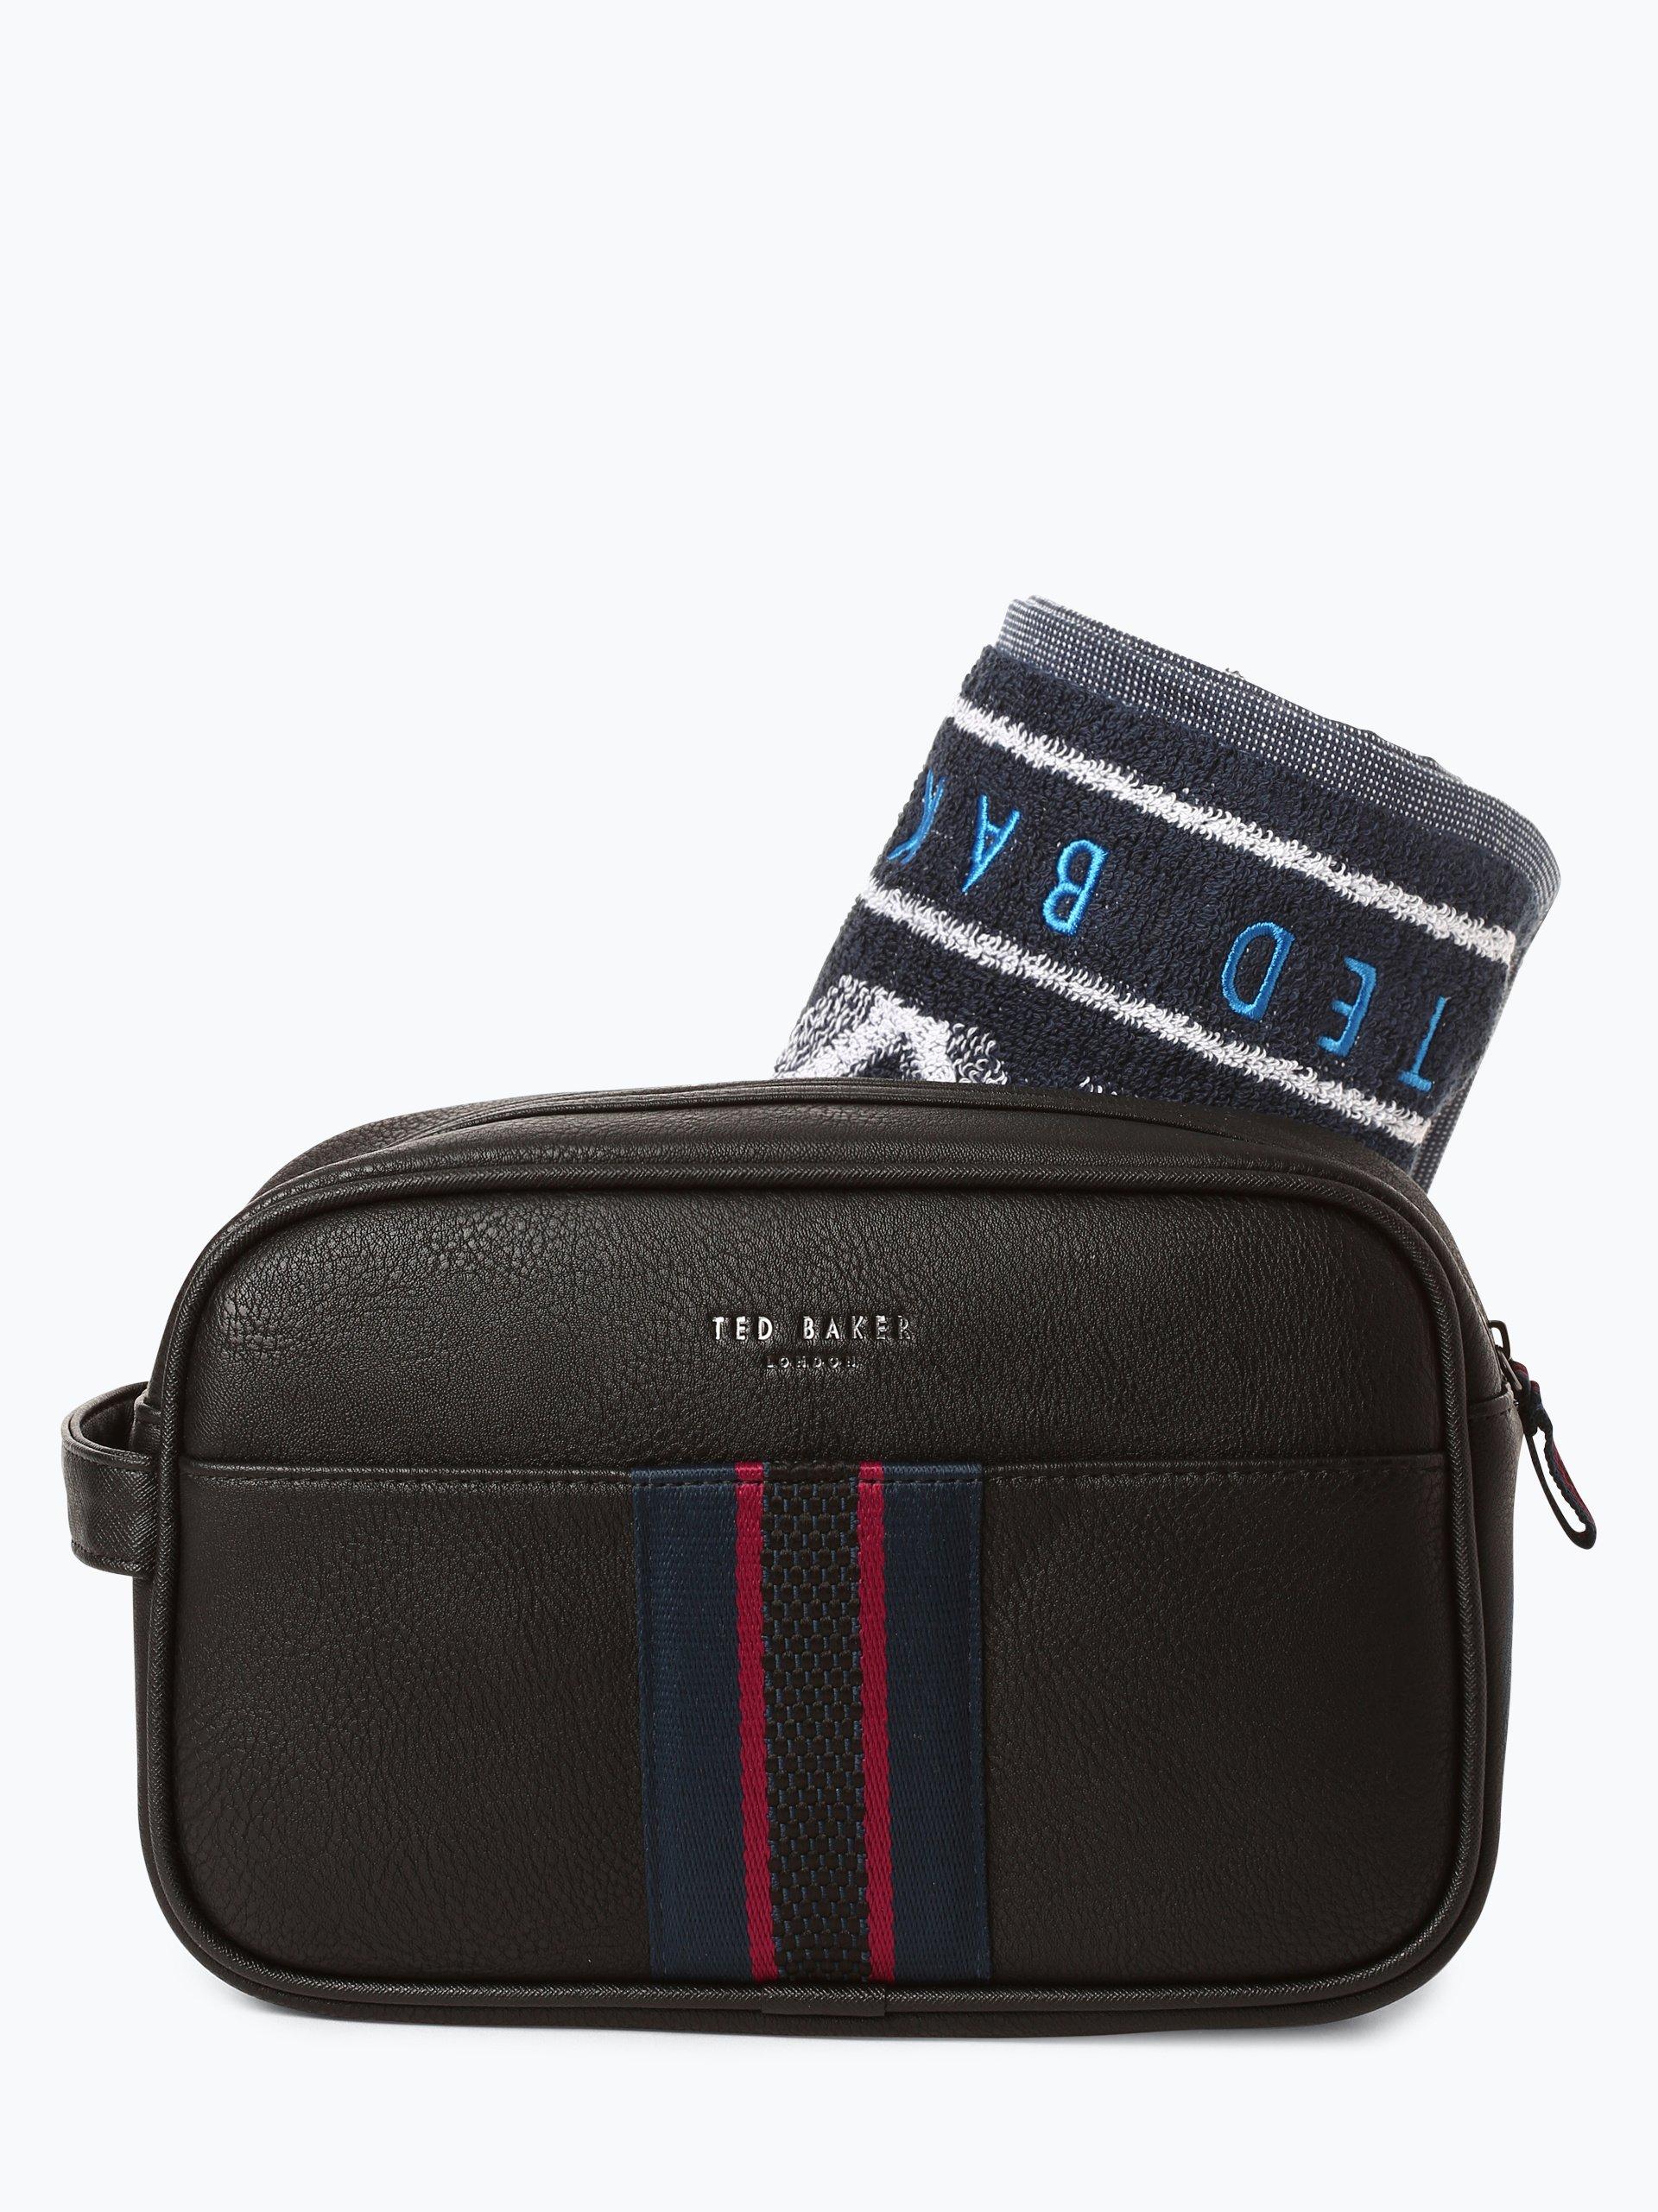 Ted Baker Herren Kulturtasche mit Handtuch - Smitset